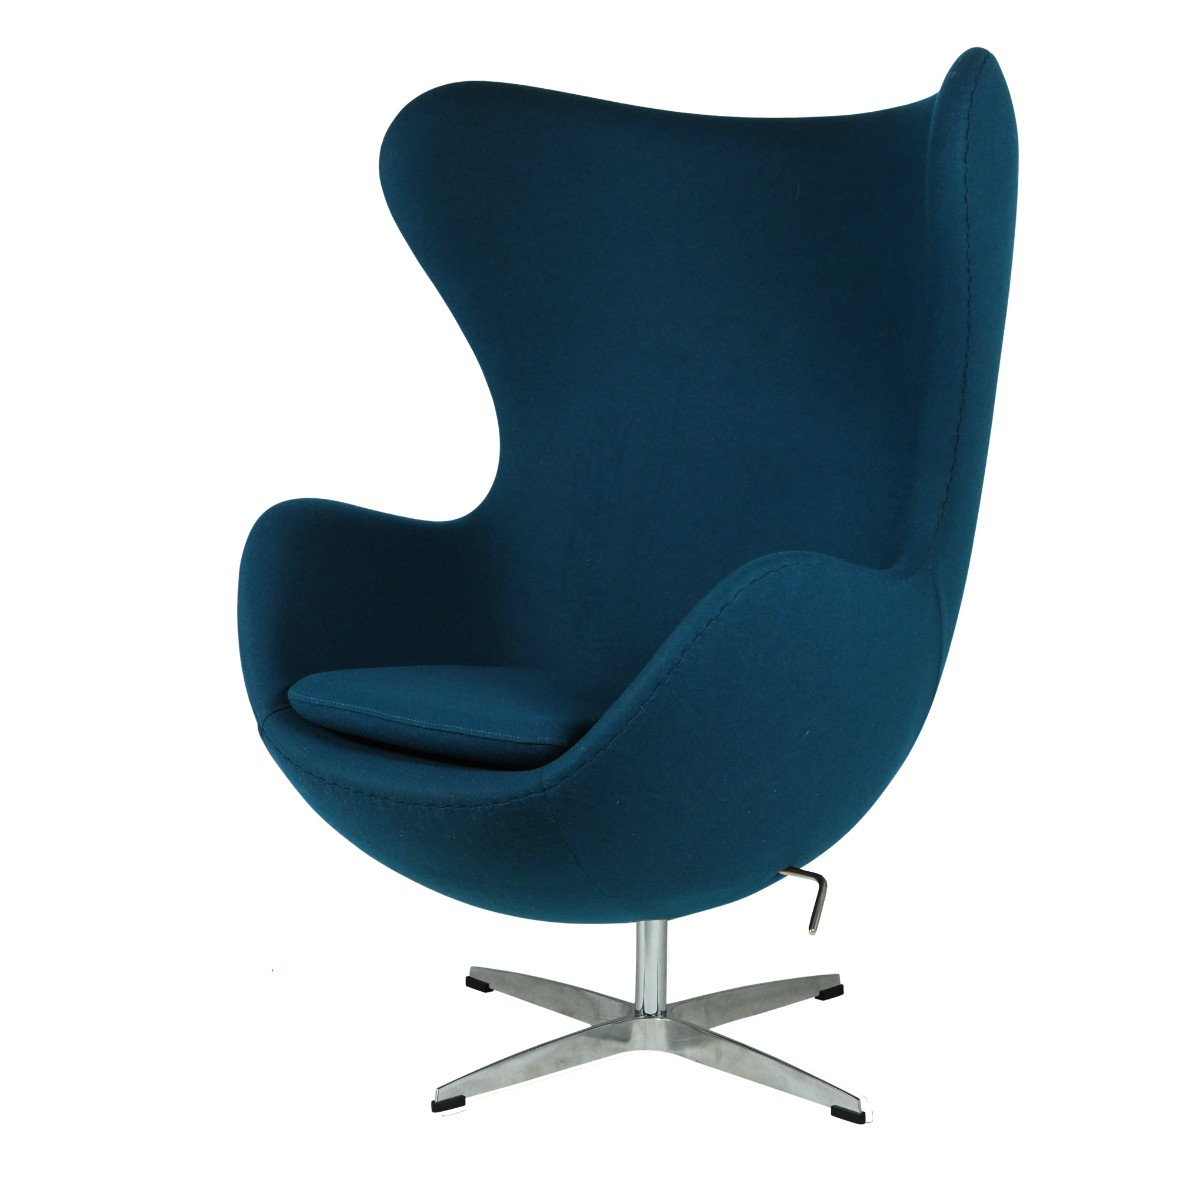 Poltrona Egg Di Jacobsen.Jacobsen Poltrona Egg Chair Design Poltrona